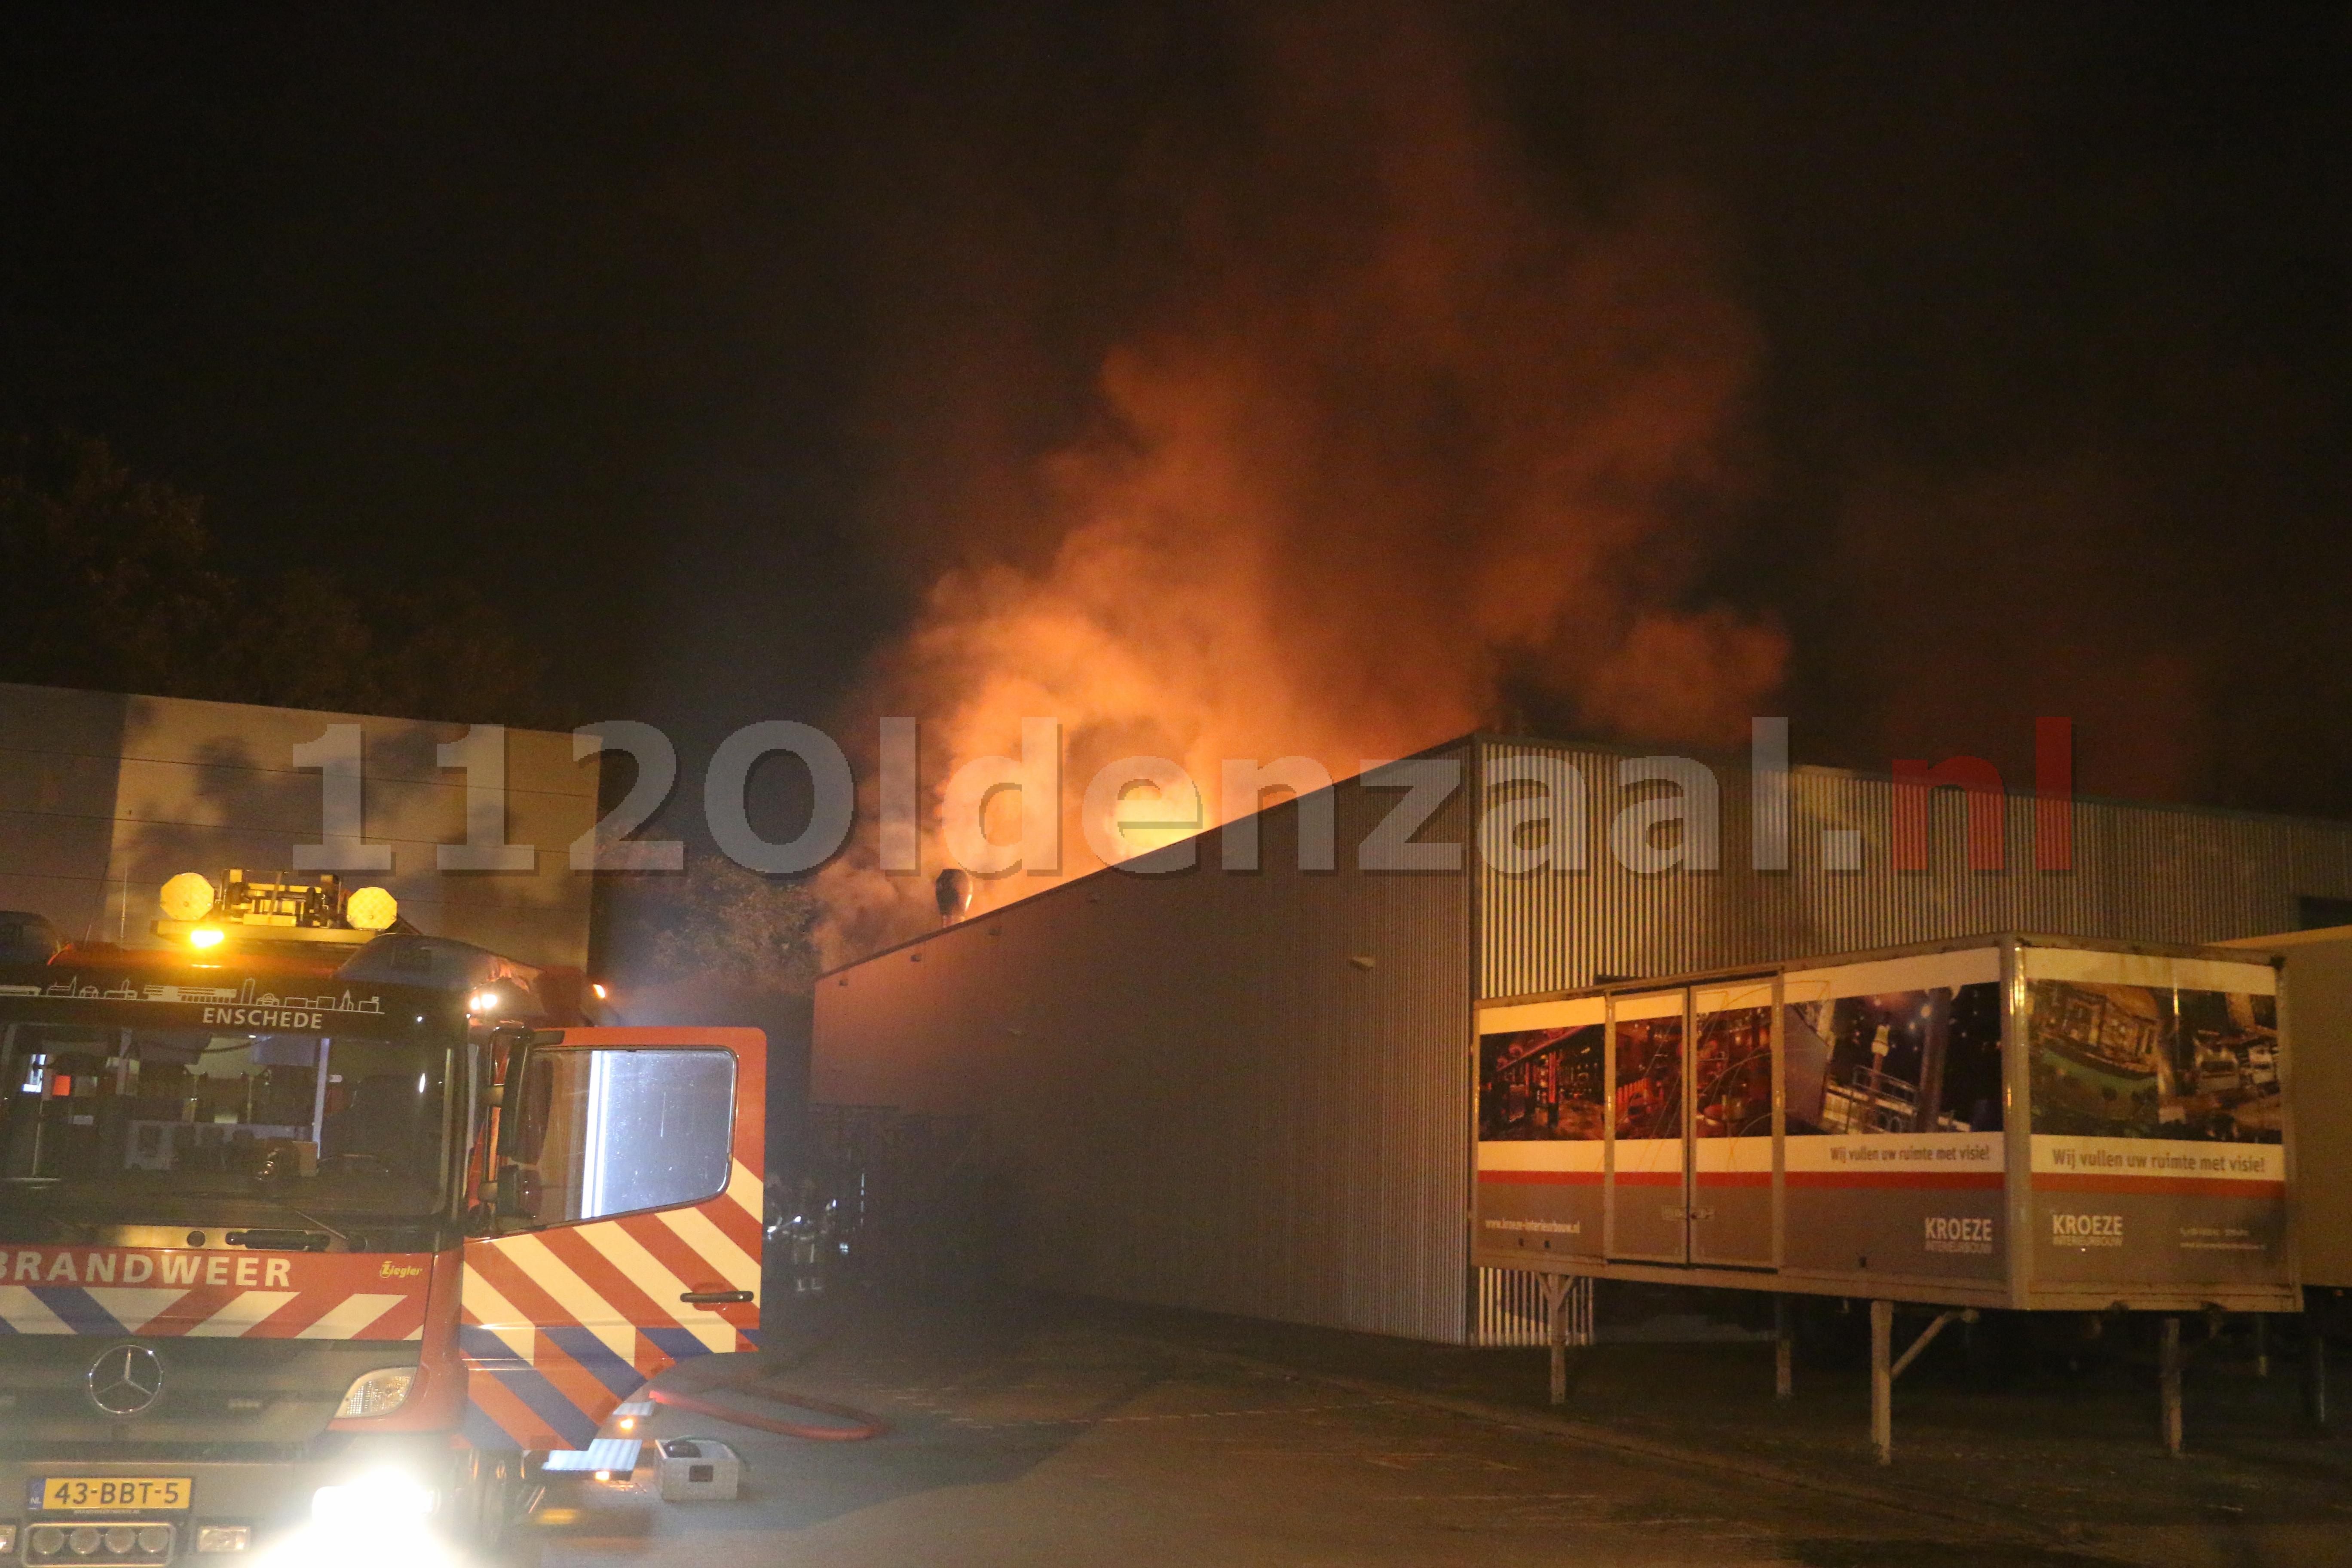 UPDATE: Grote uitslaande brand industrieterrein Oldenzaal